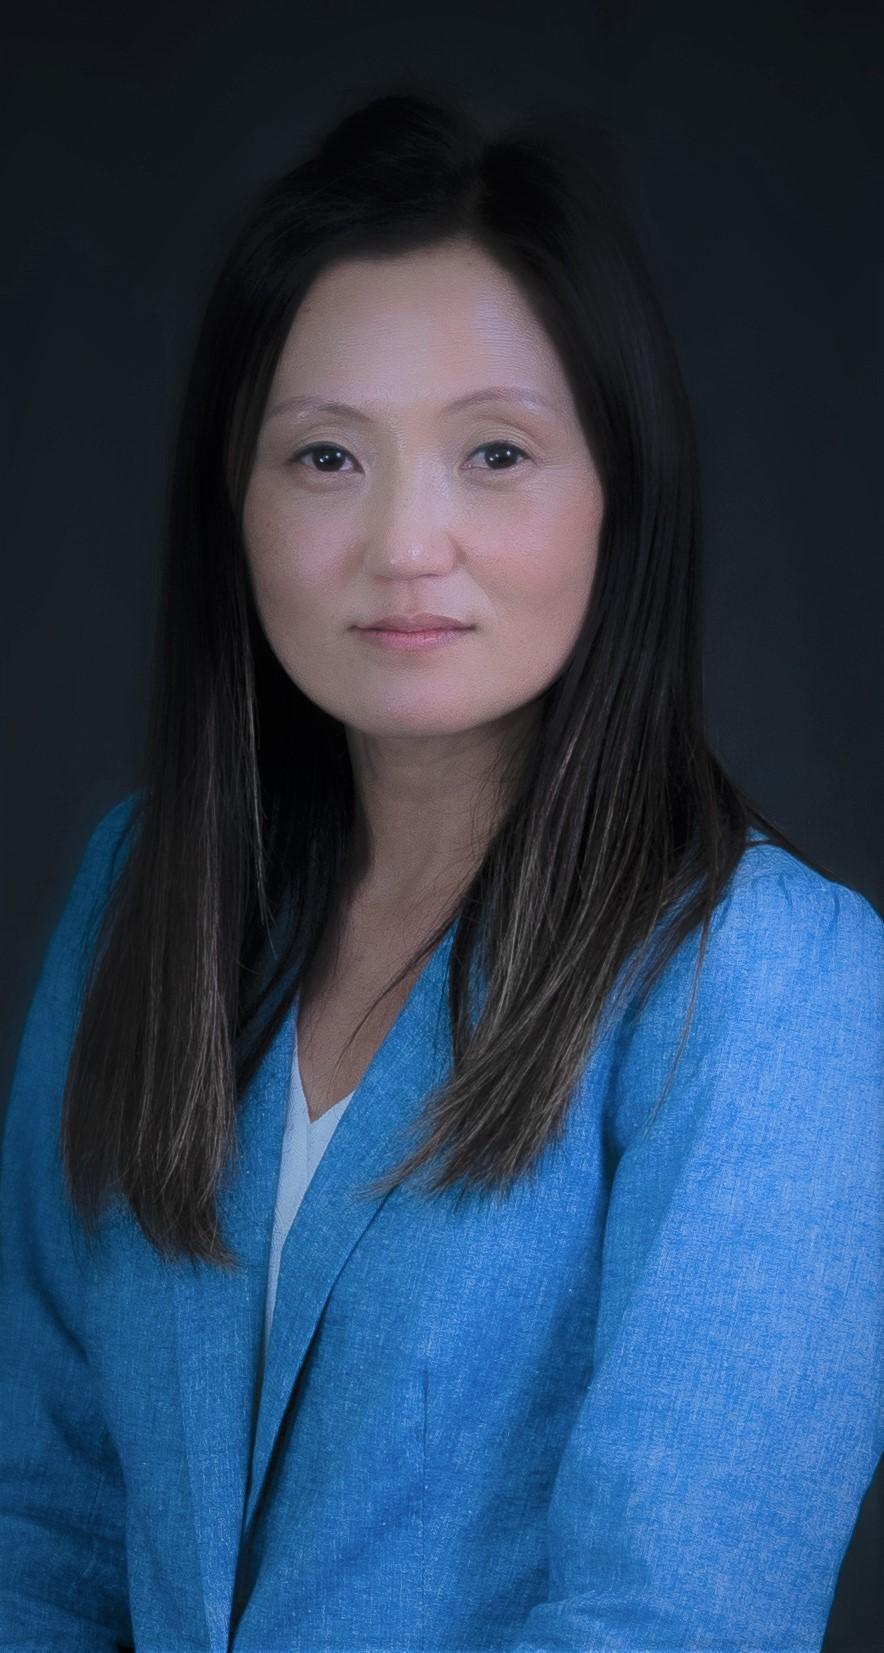 Seri Hwang, Director of Educational Programs